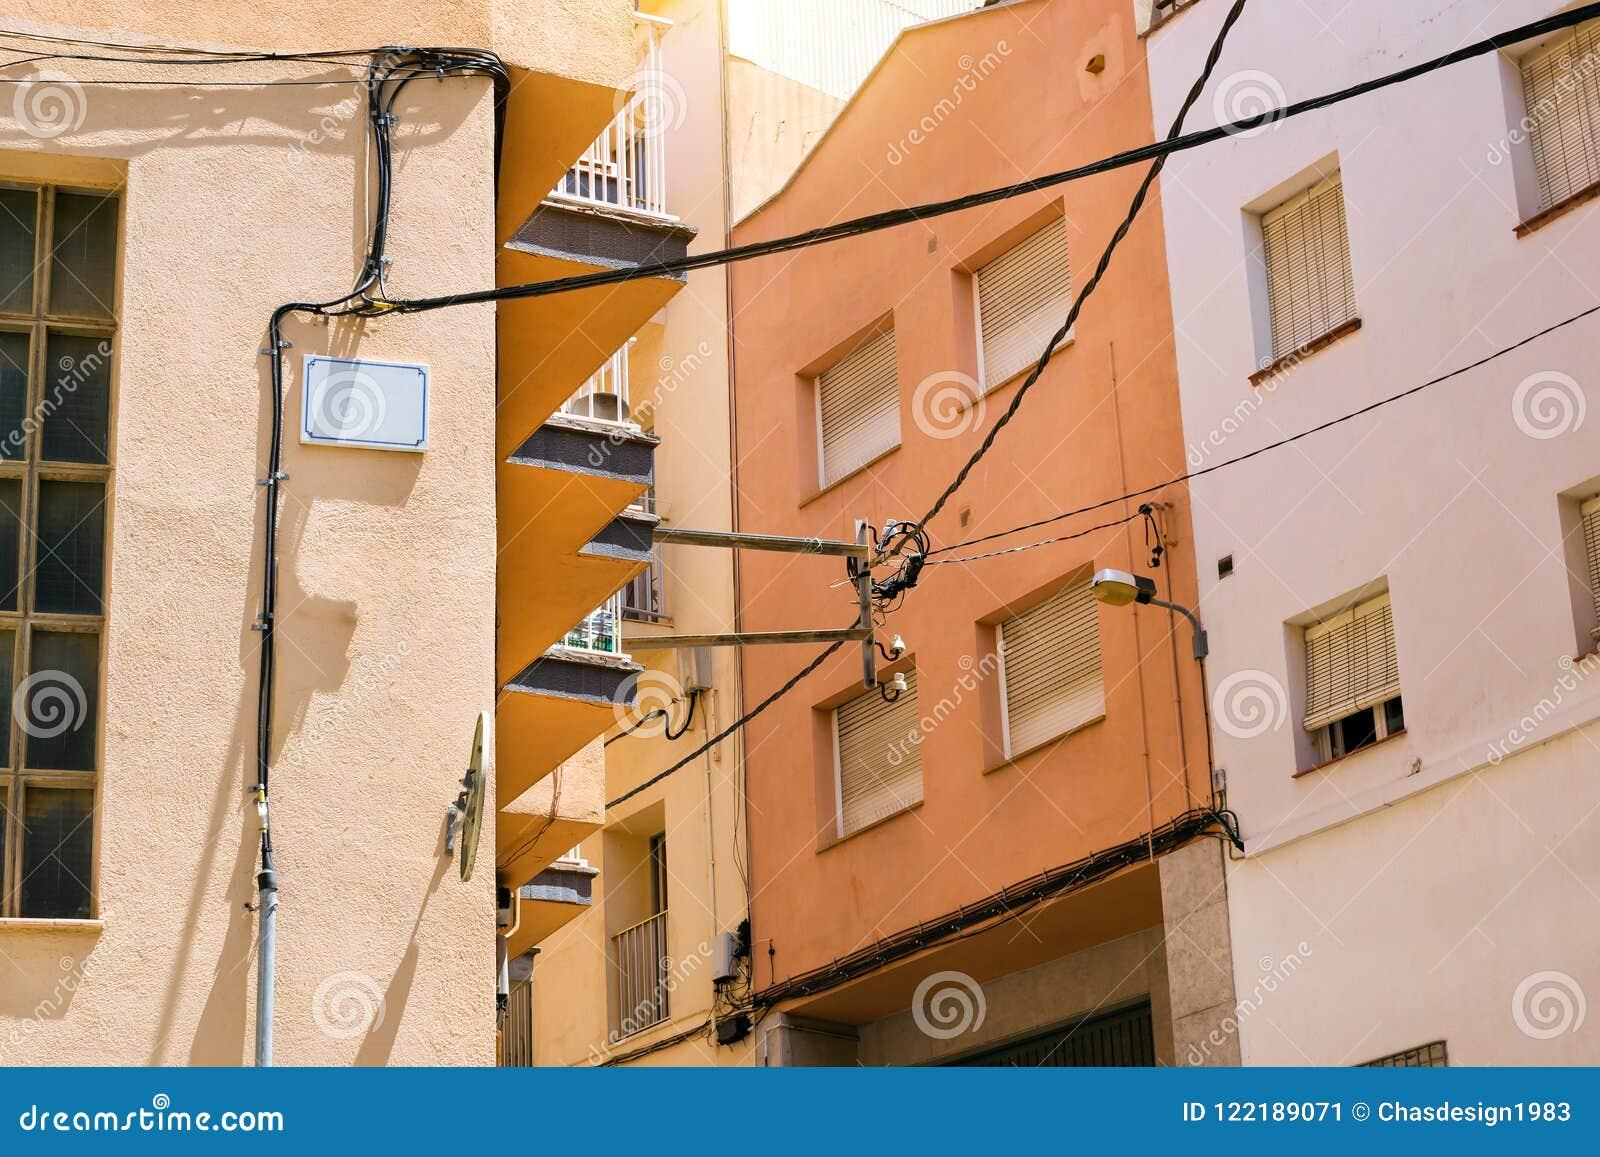 2db2c4576ab Electrical Power